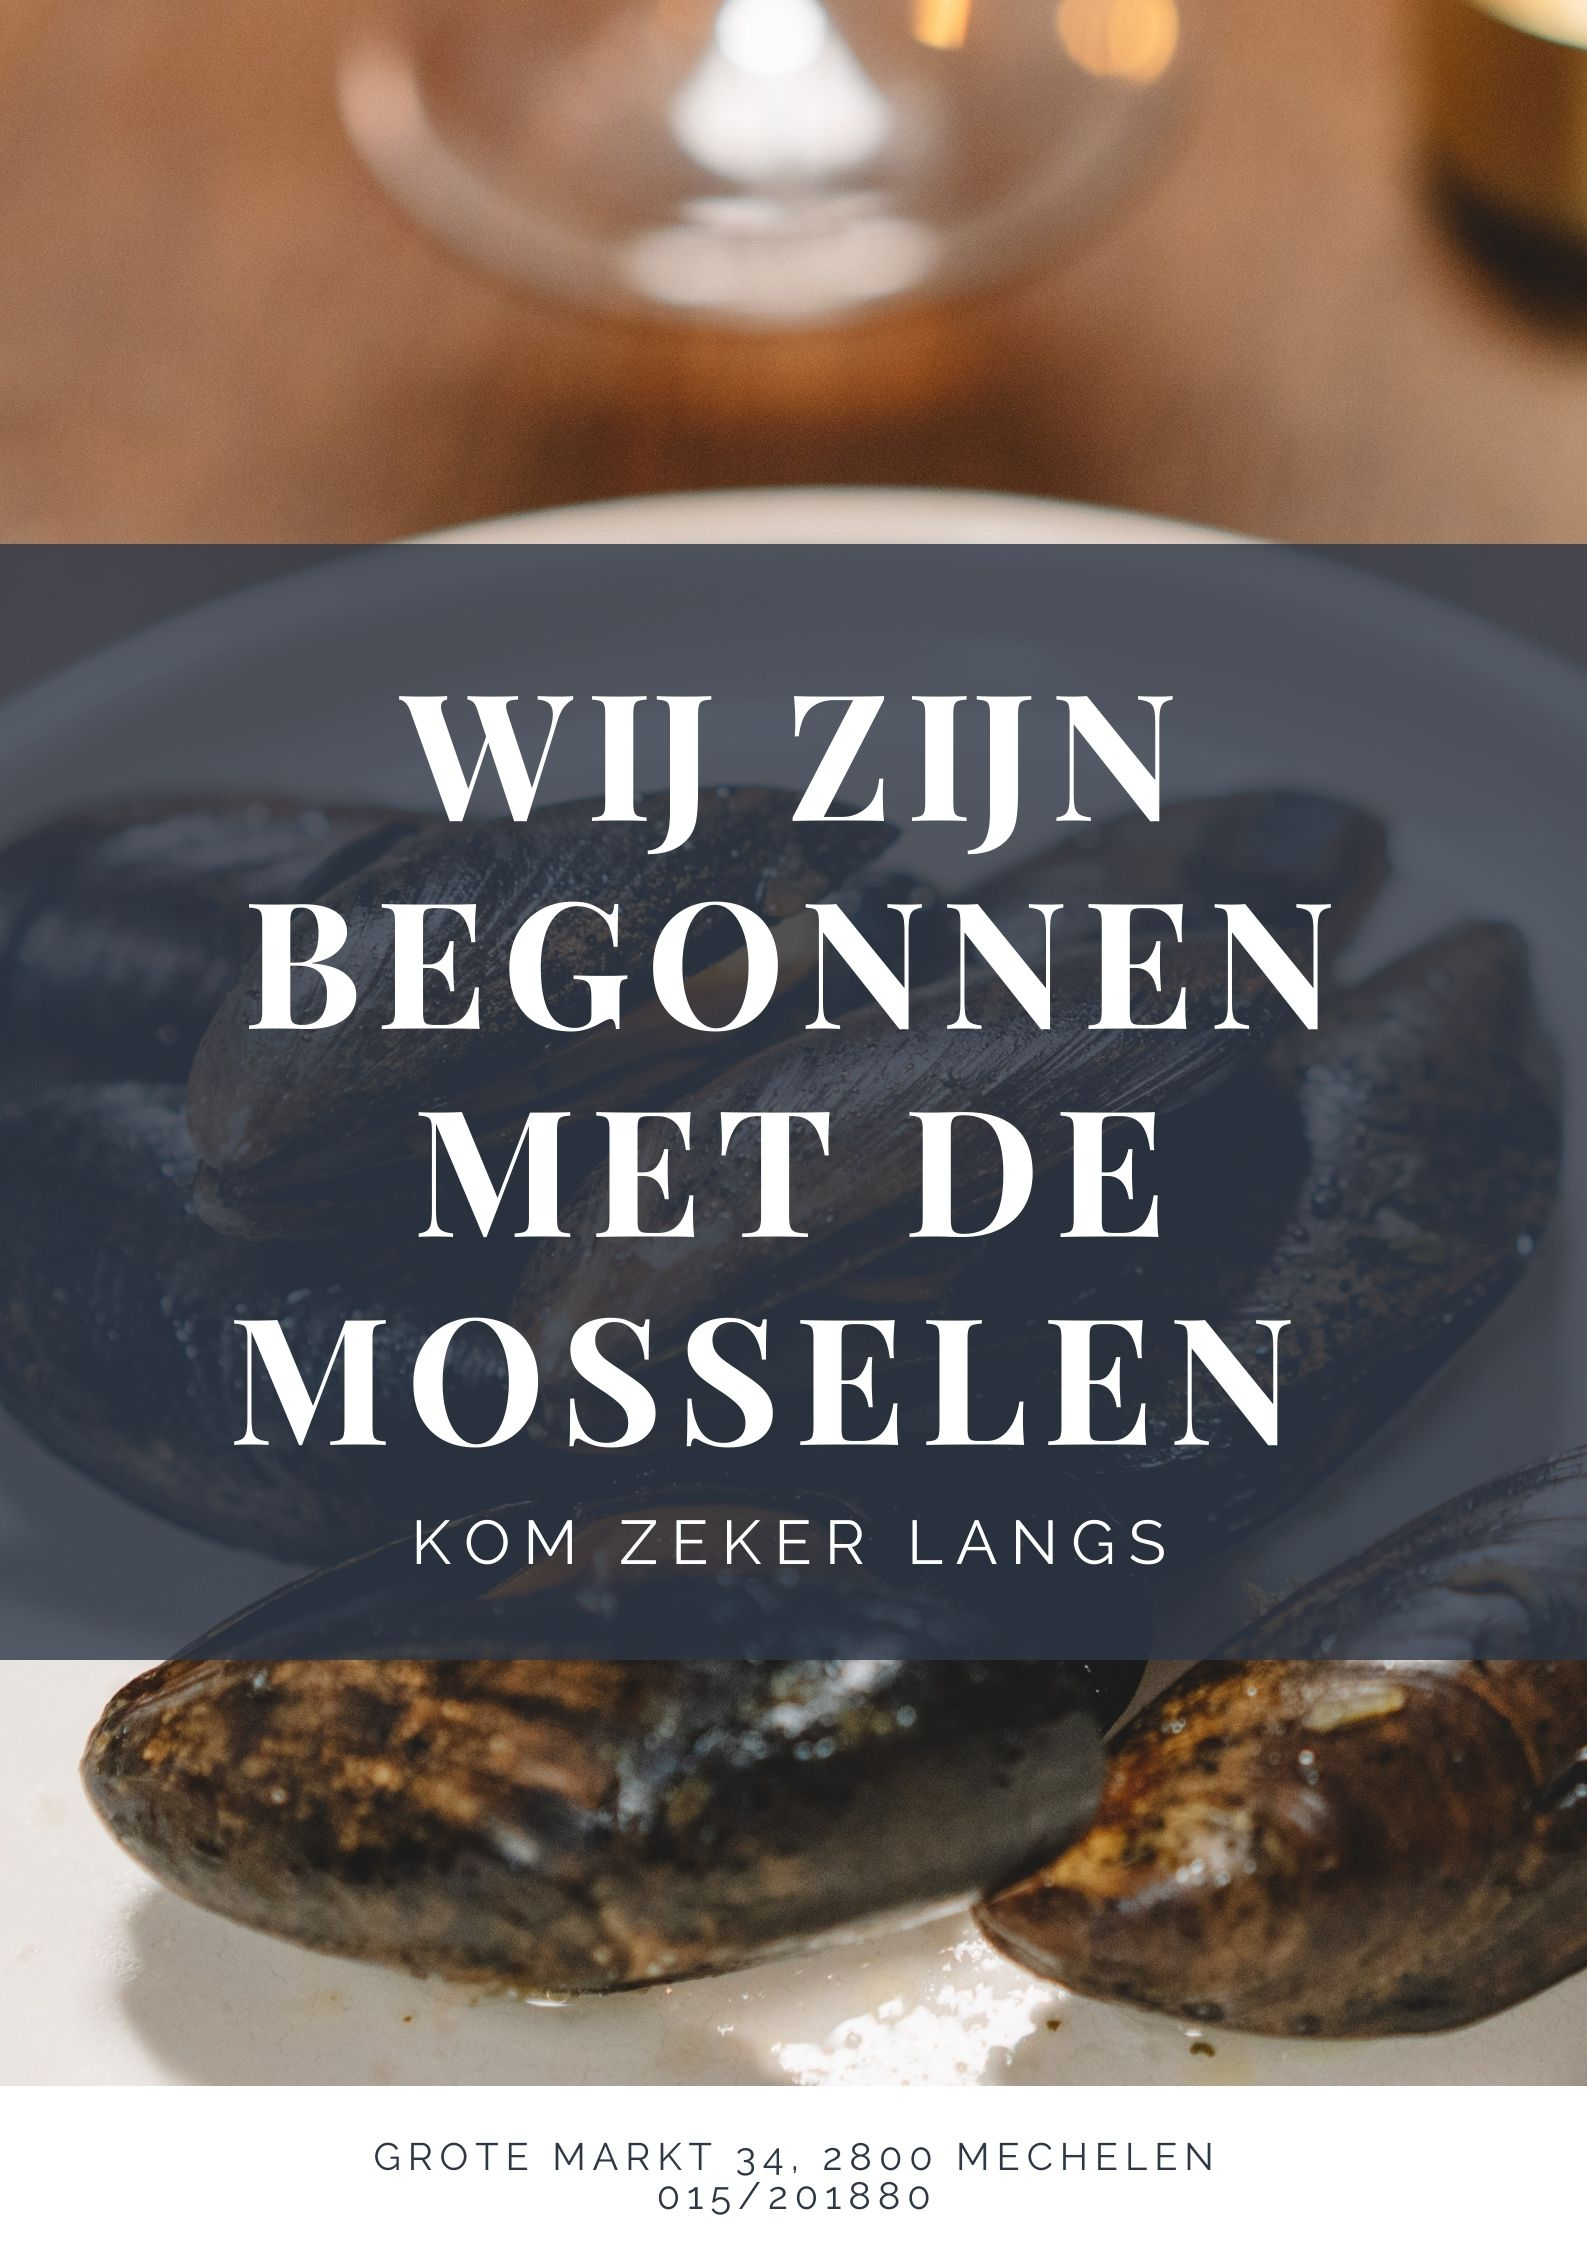 Mosselen brasserie Carlton Mechelen